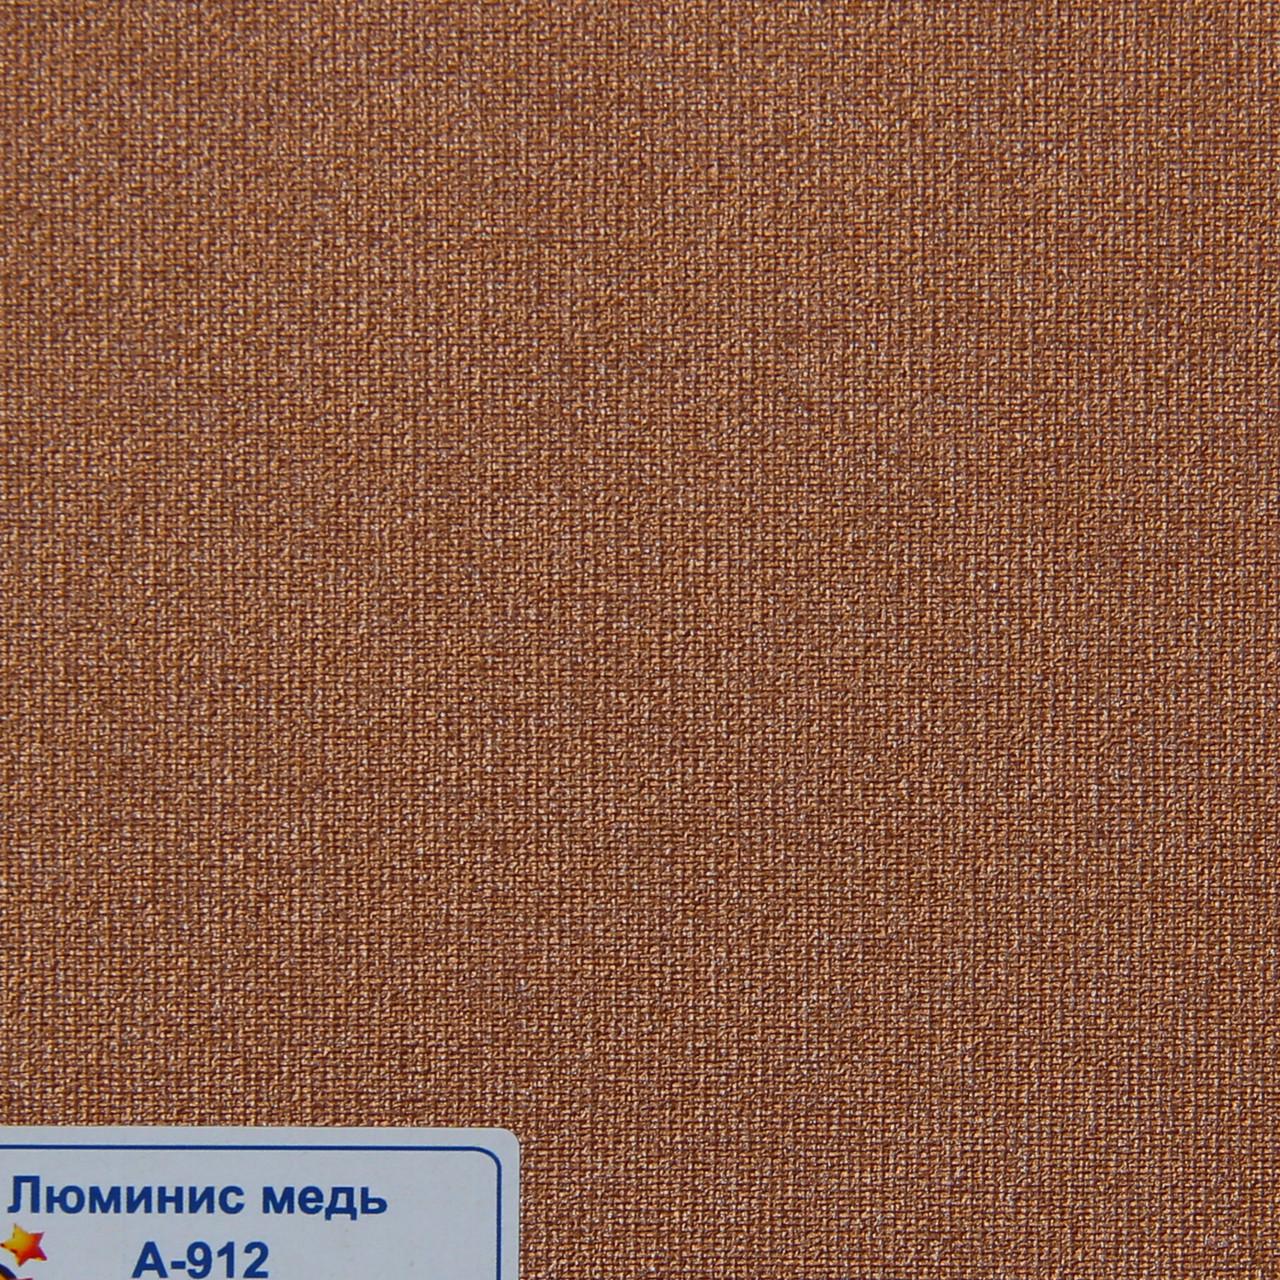 Рулонні штори Одеса Тканина Люмінис Мідь А-912